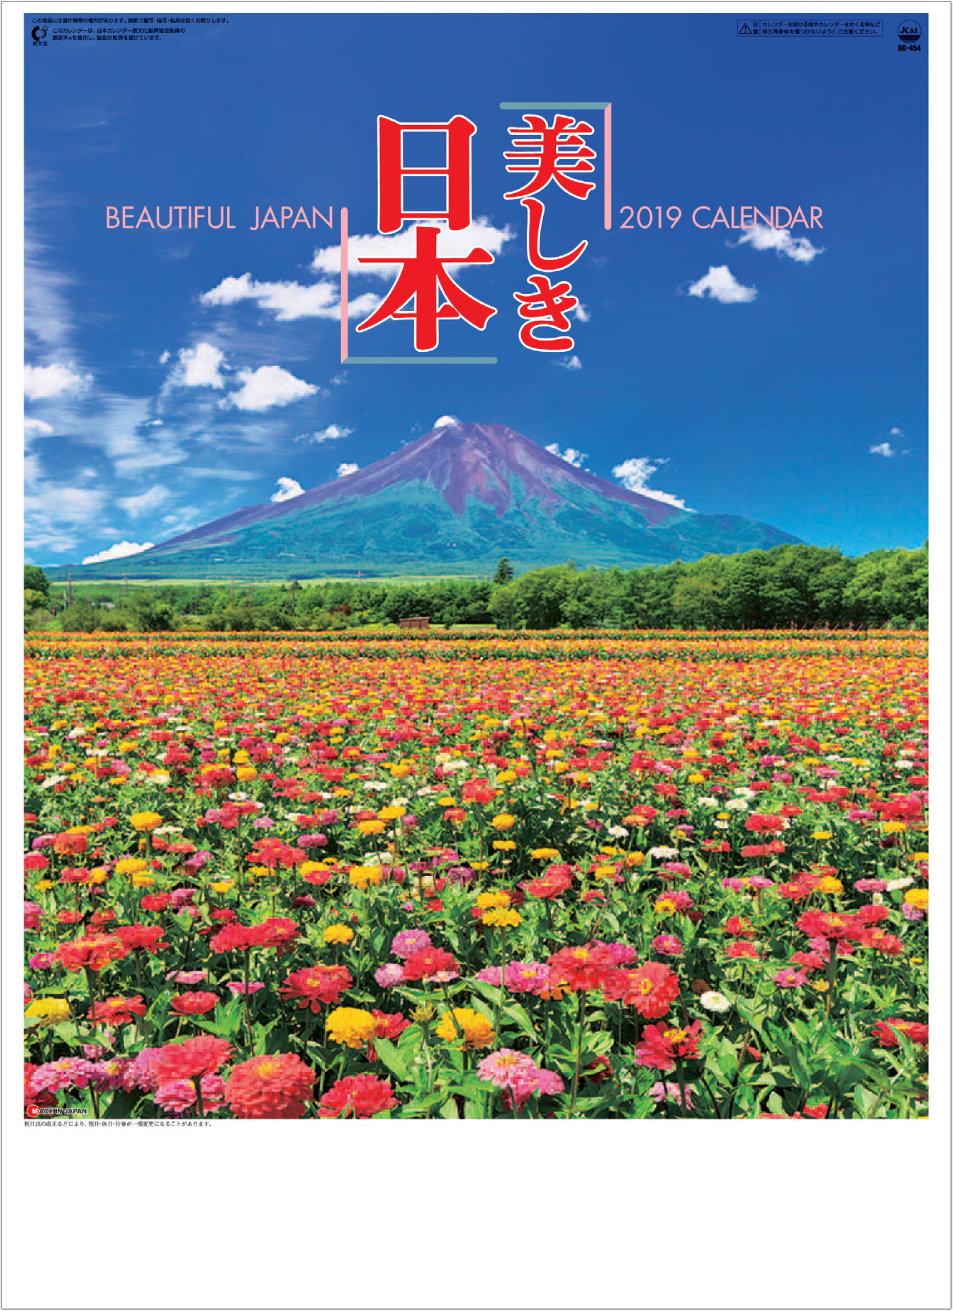 表紙 美しき日本 2019年カレンダーの画像